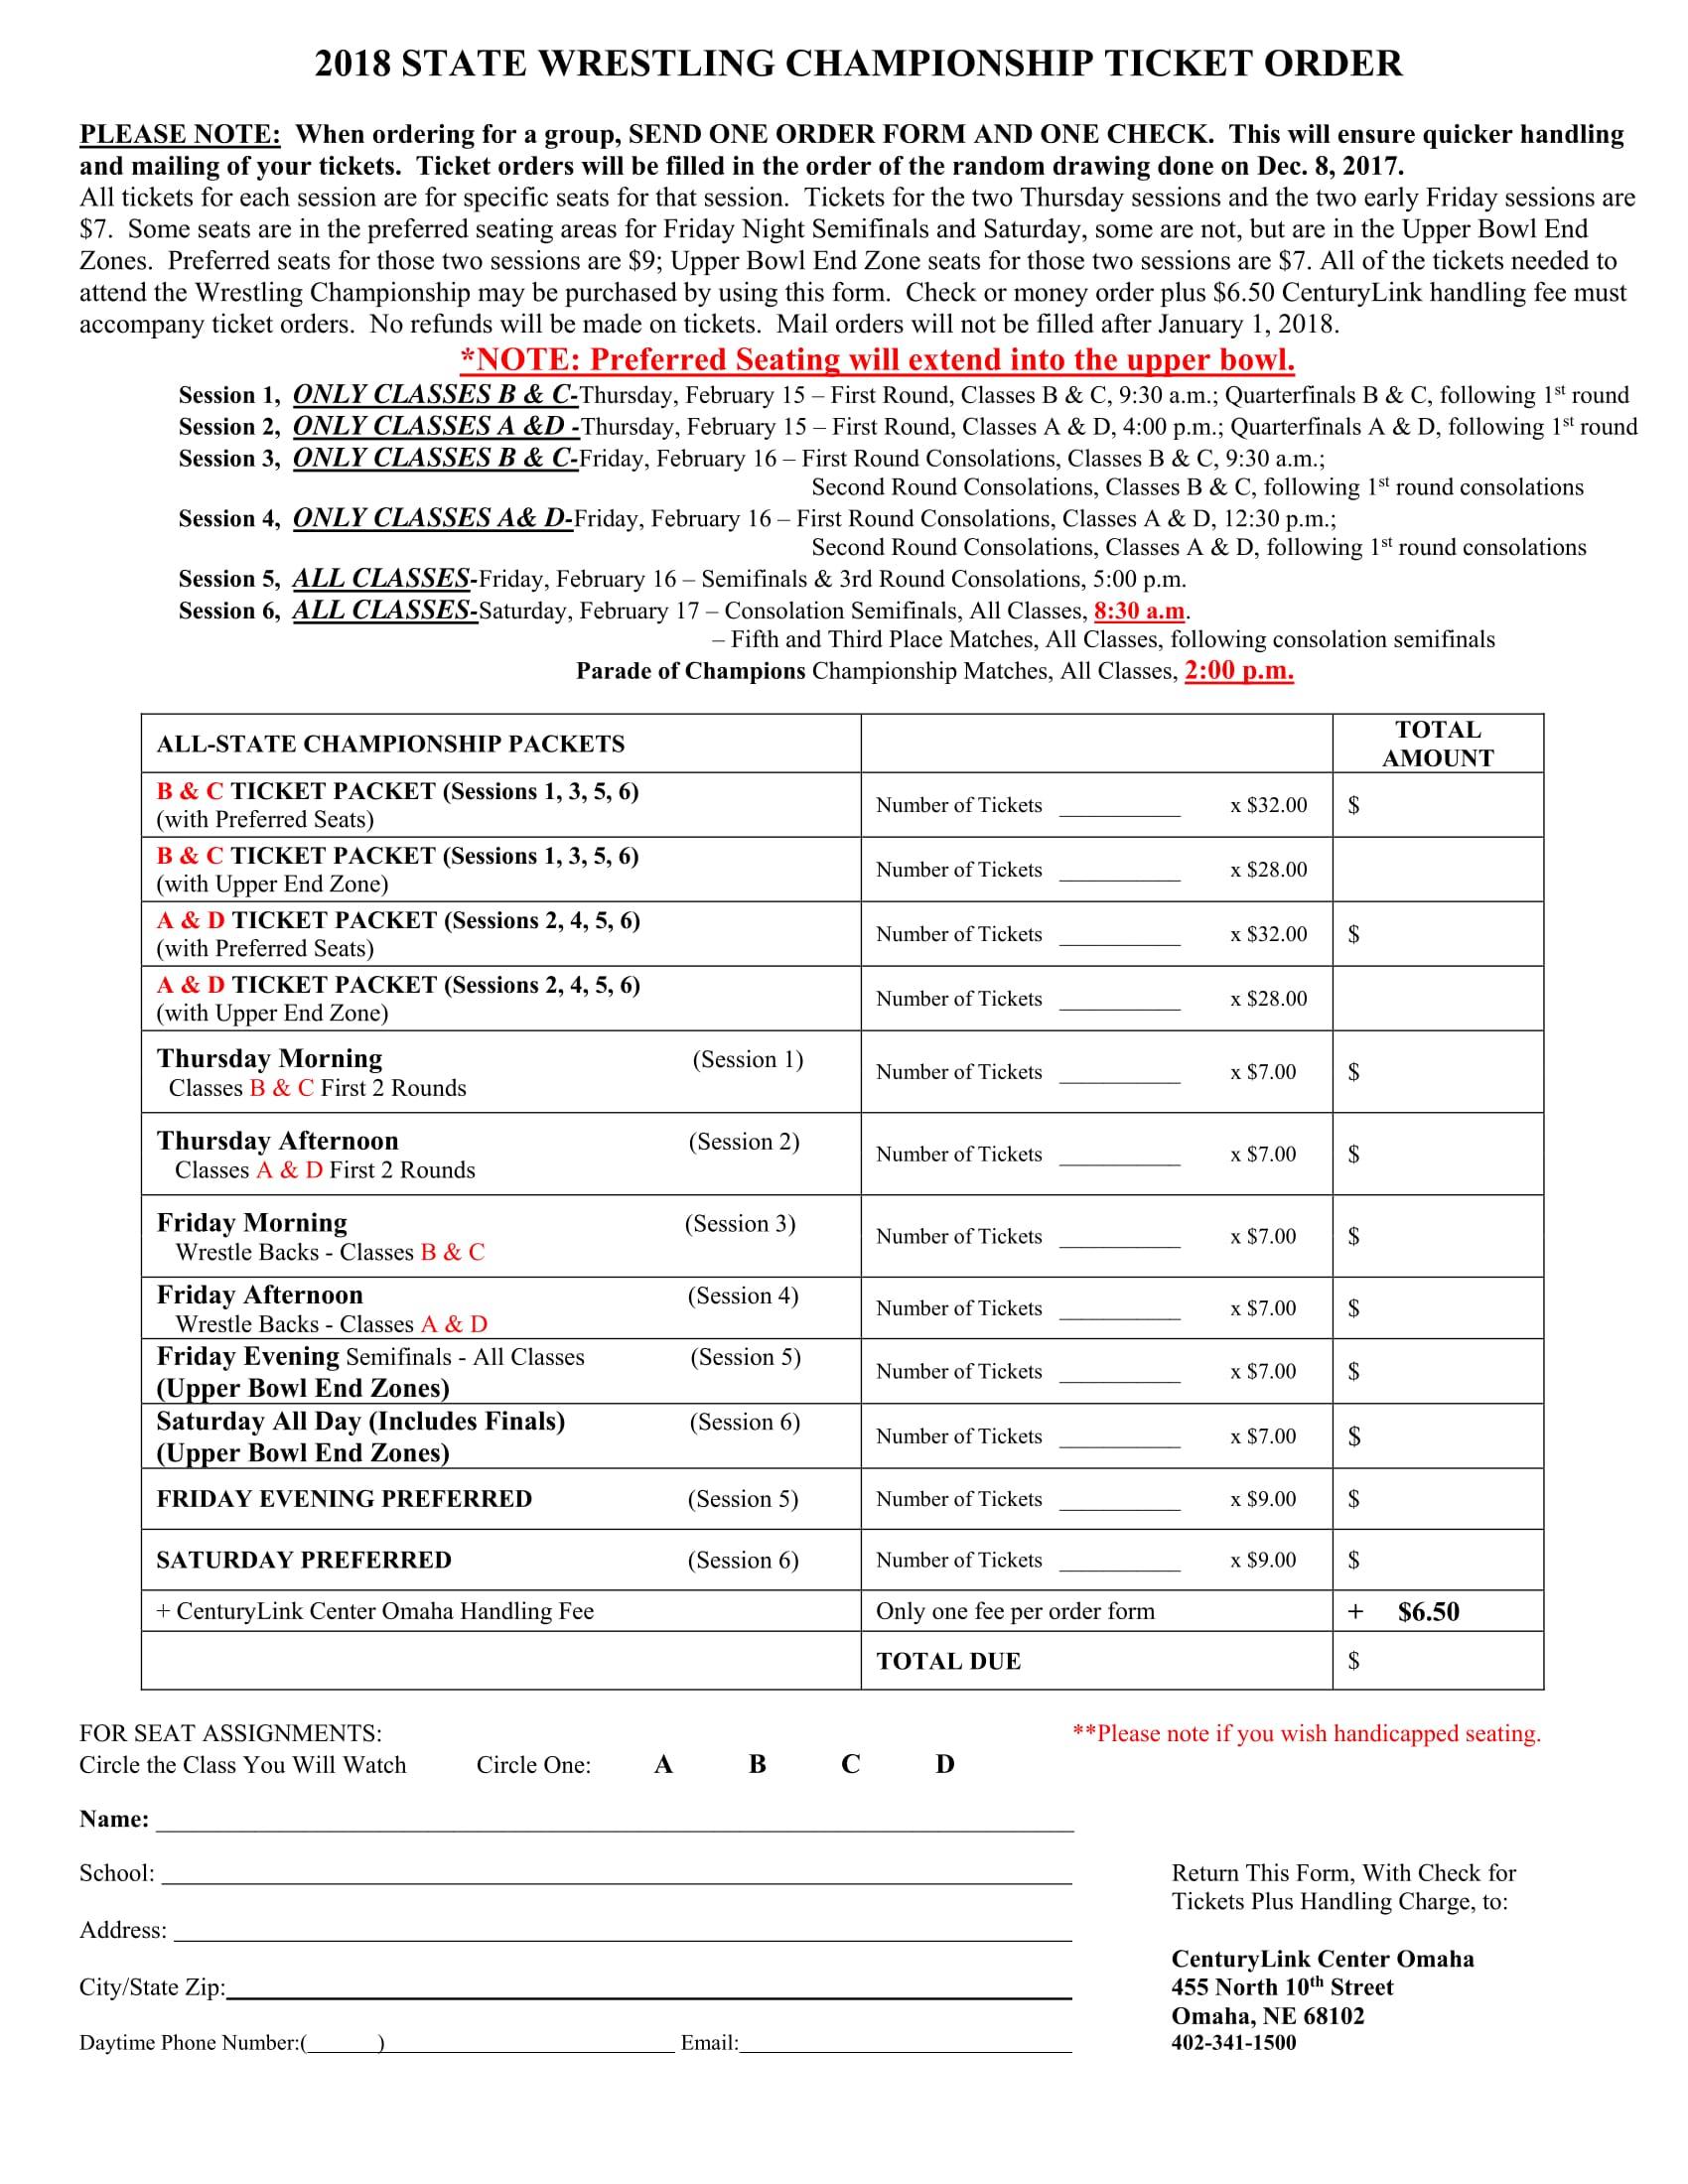 wrestling championship ticket order form 1